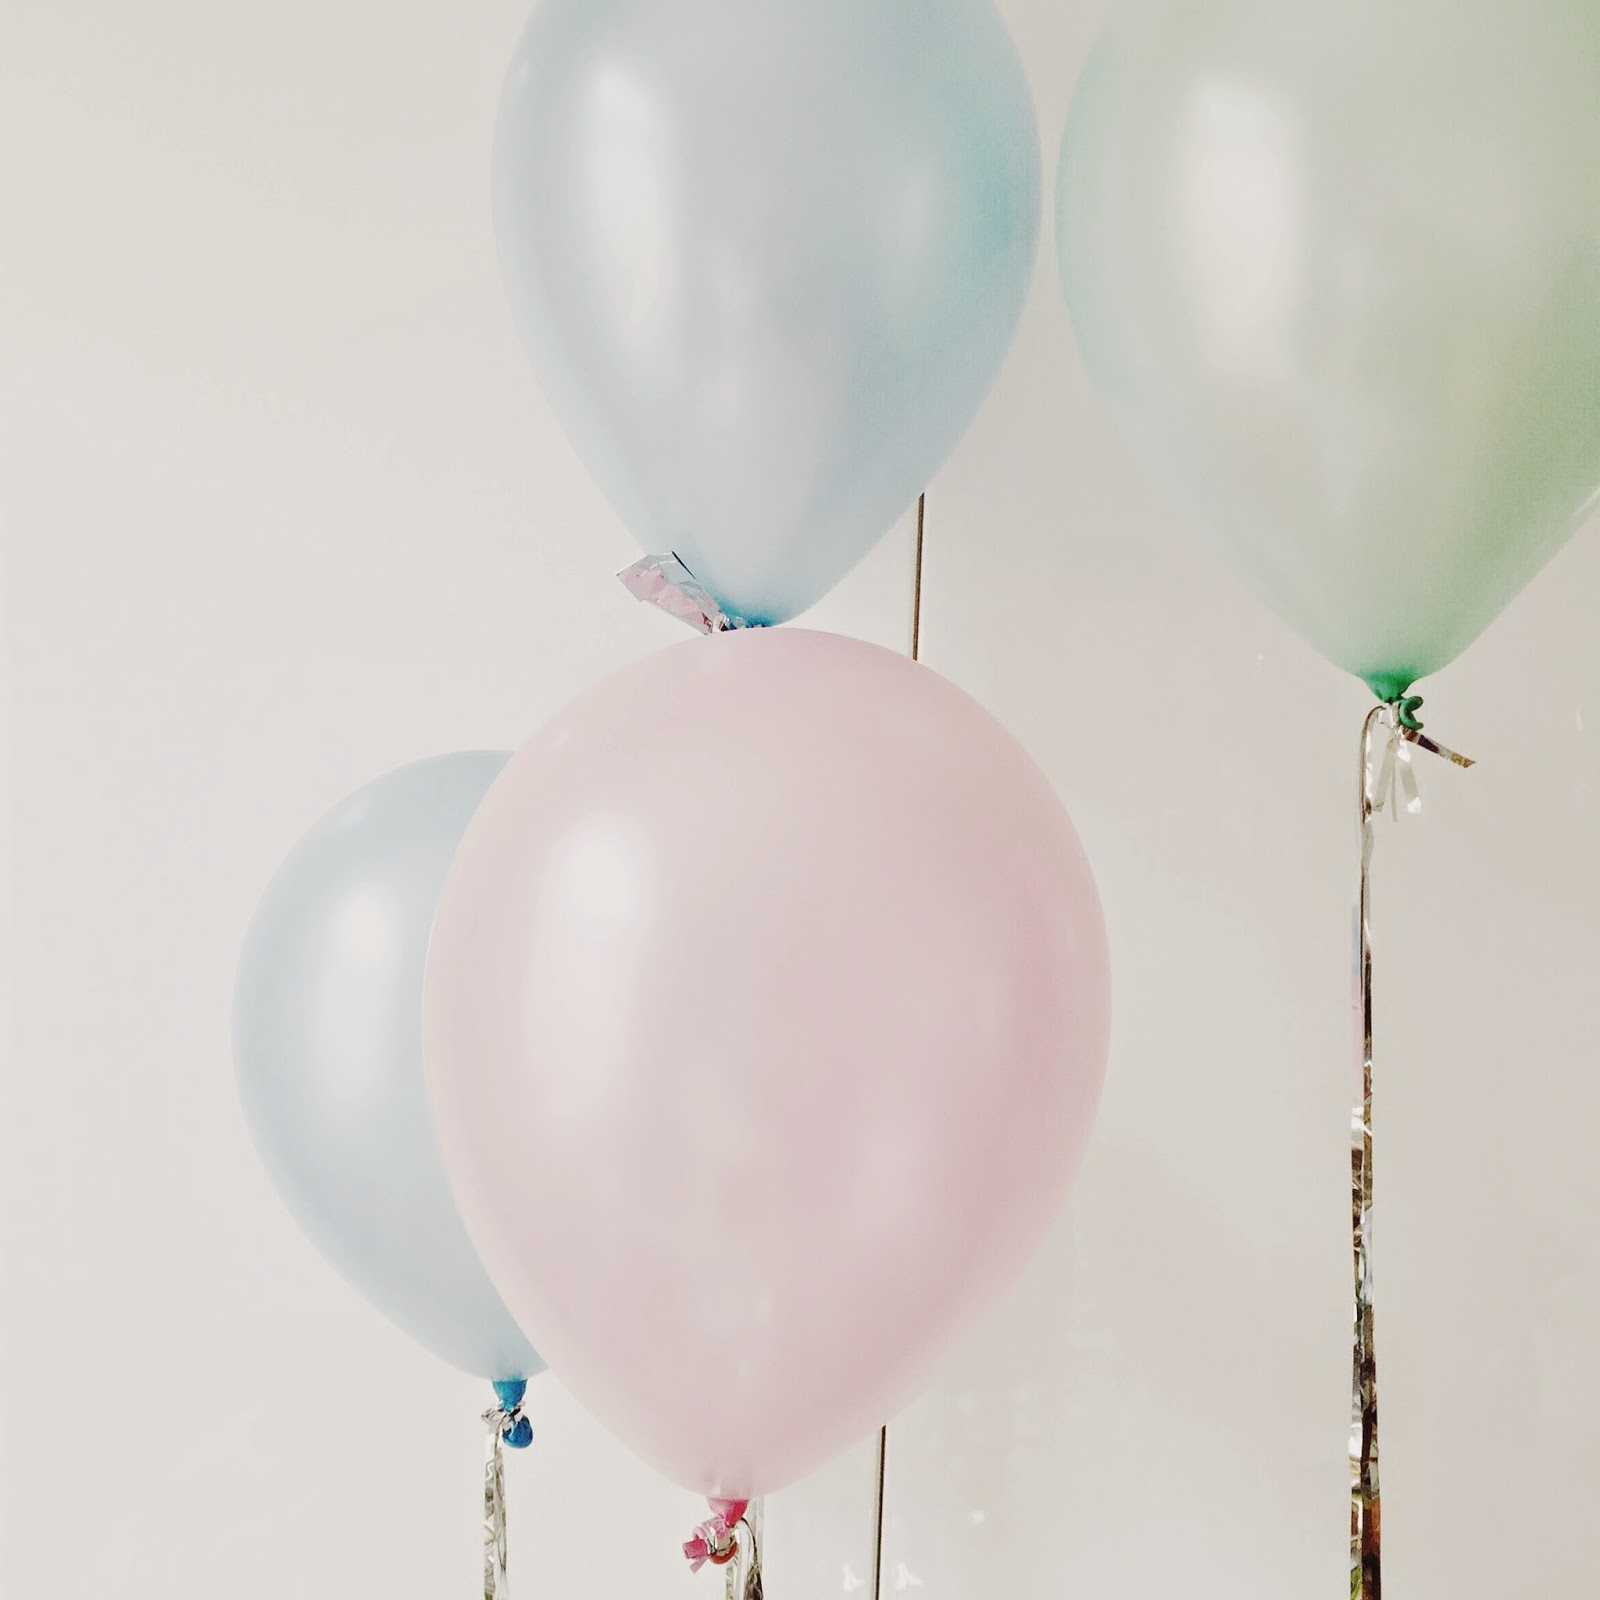 luftballon dekoration ninotschka